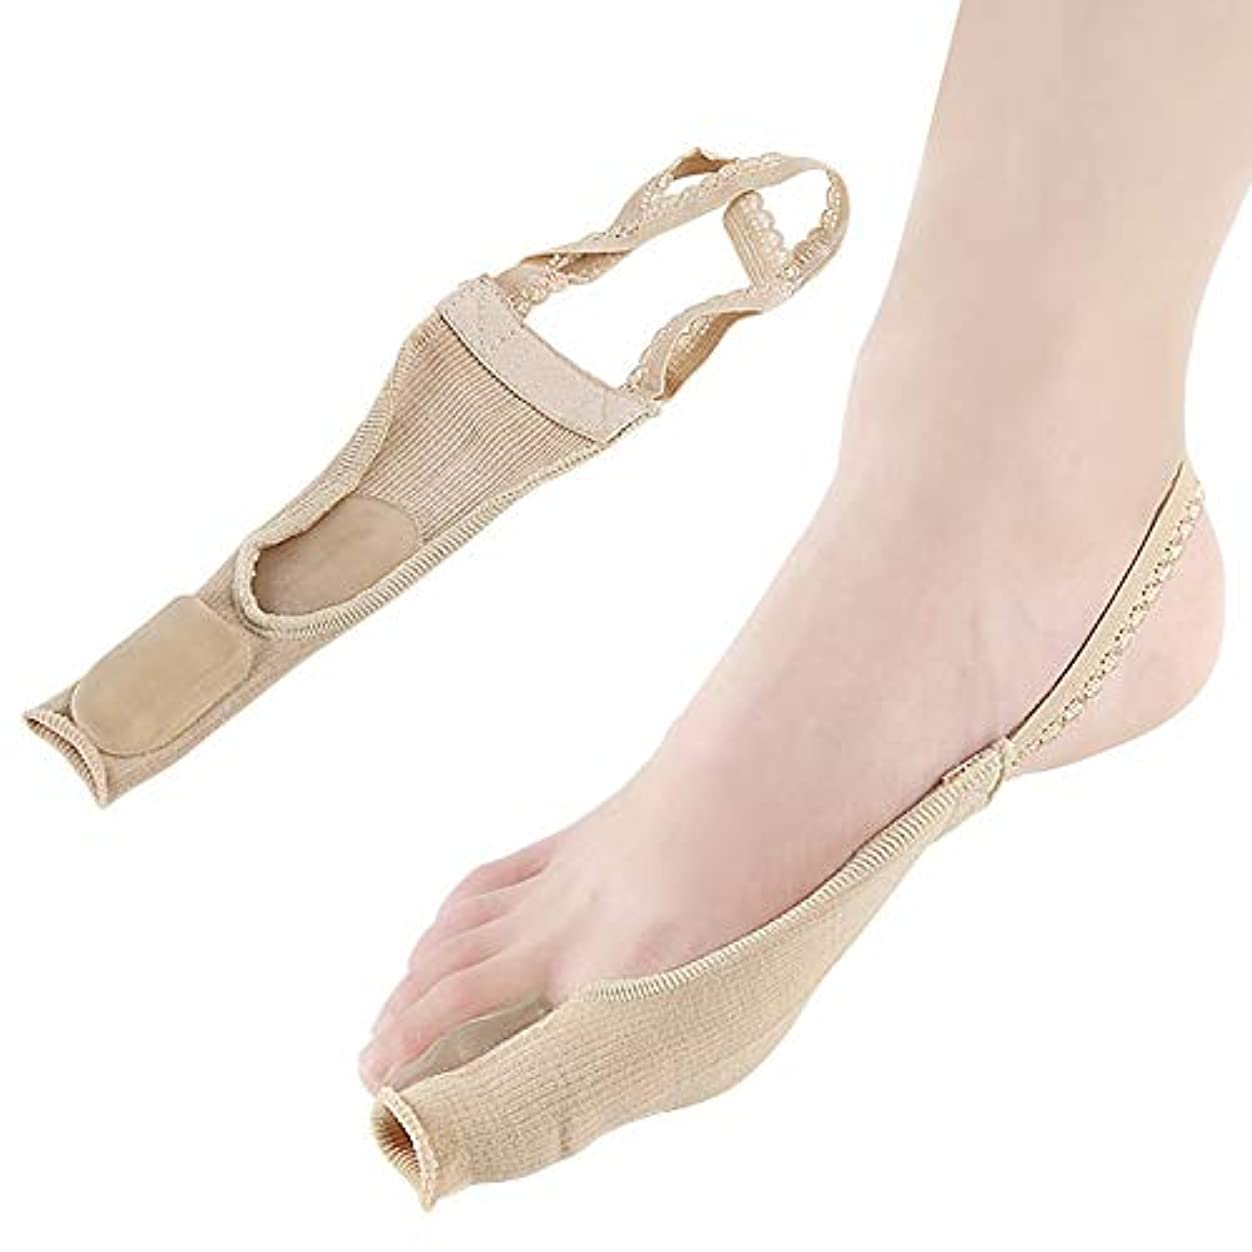 リーフレット違反読者つま先矯正靴下ワンサイズレース防止つま先外反重複高弾性厚み減衰吸収汗通気性ナイロンSEBS,2Pairs